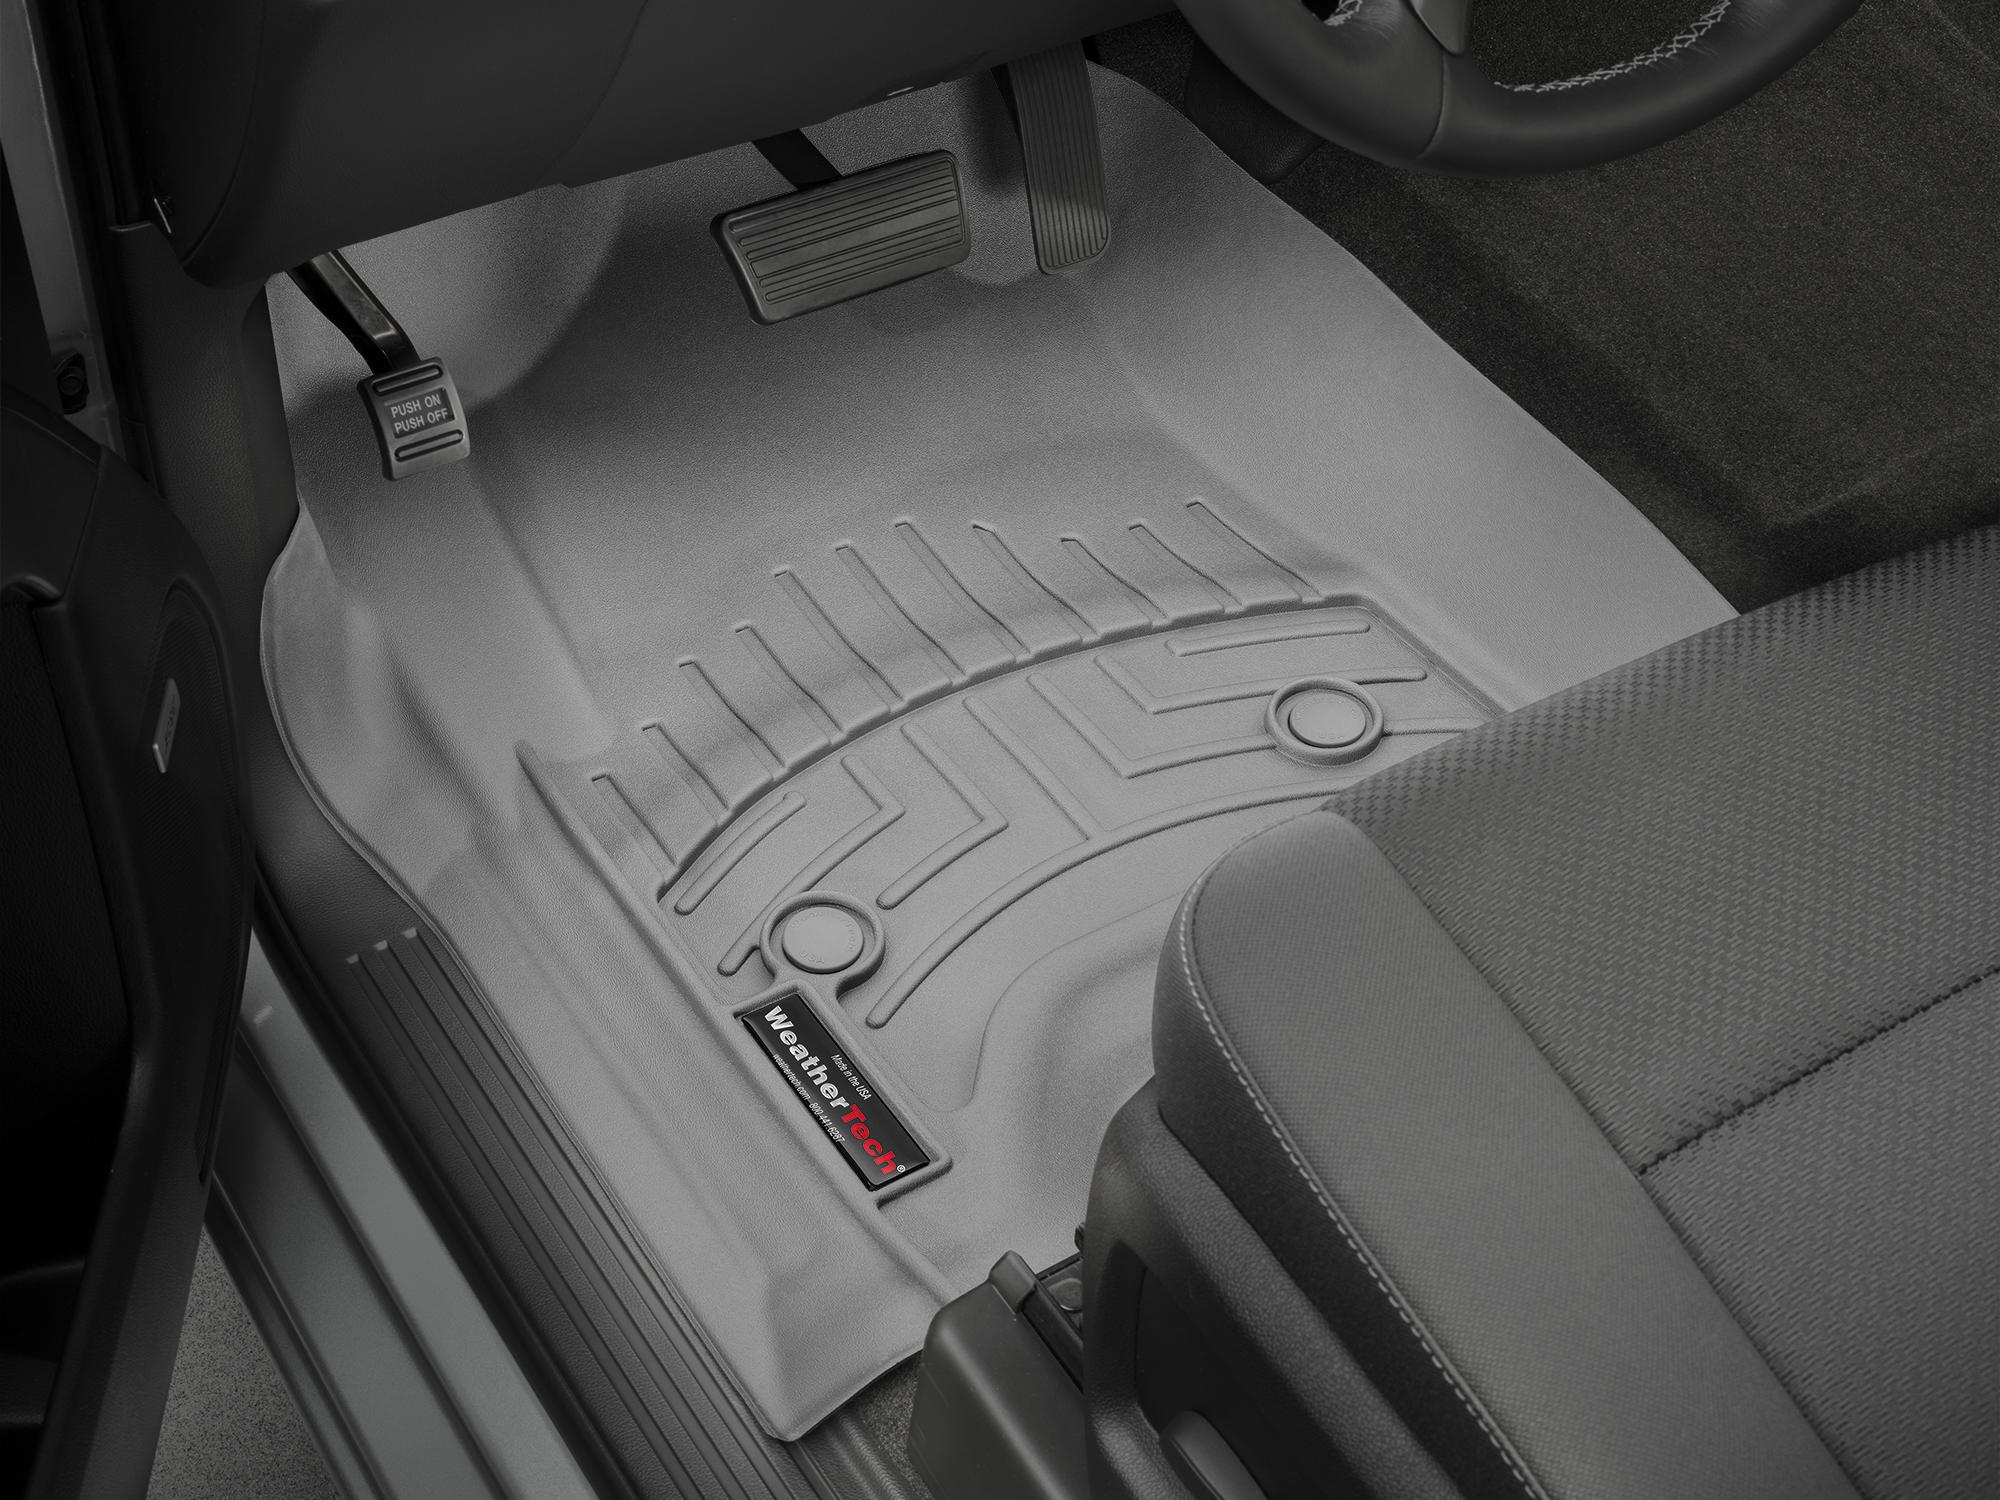 Tappeti gomma su misura bordo alto Chevrolet Silverado 14>17 Grigio A193